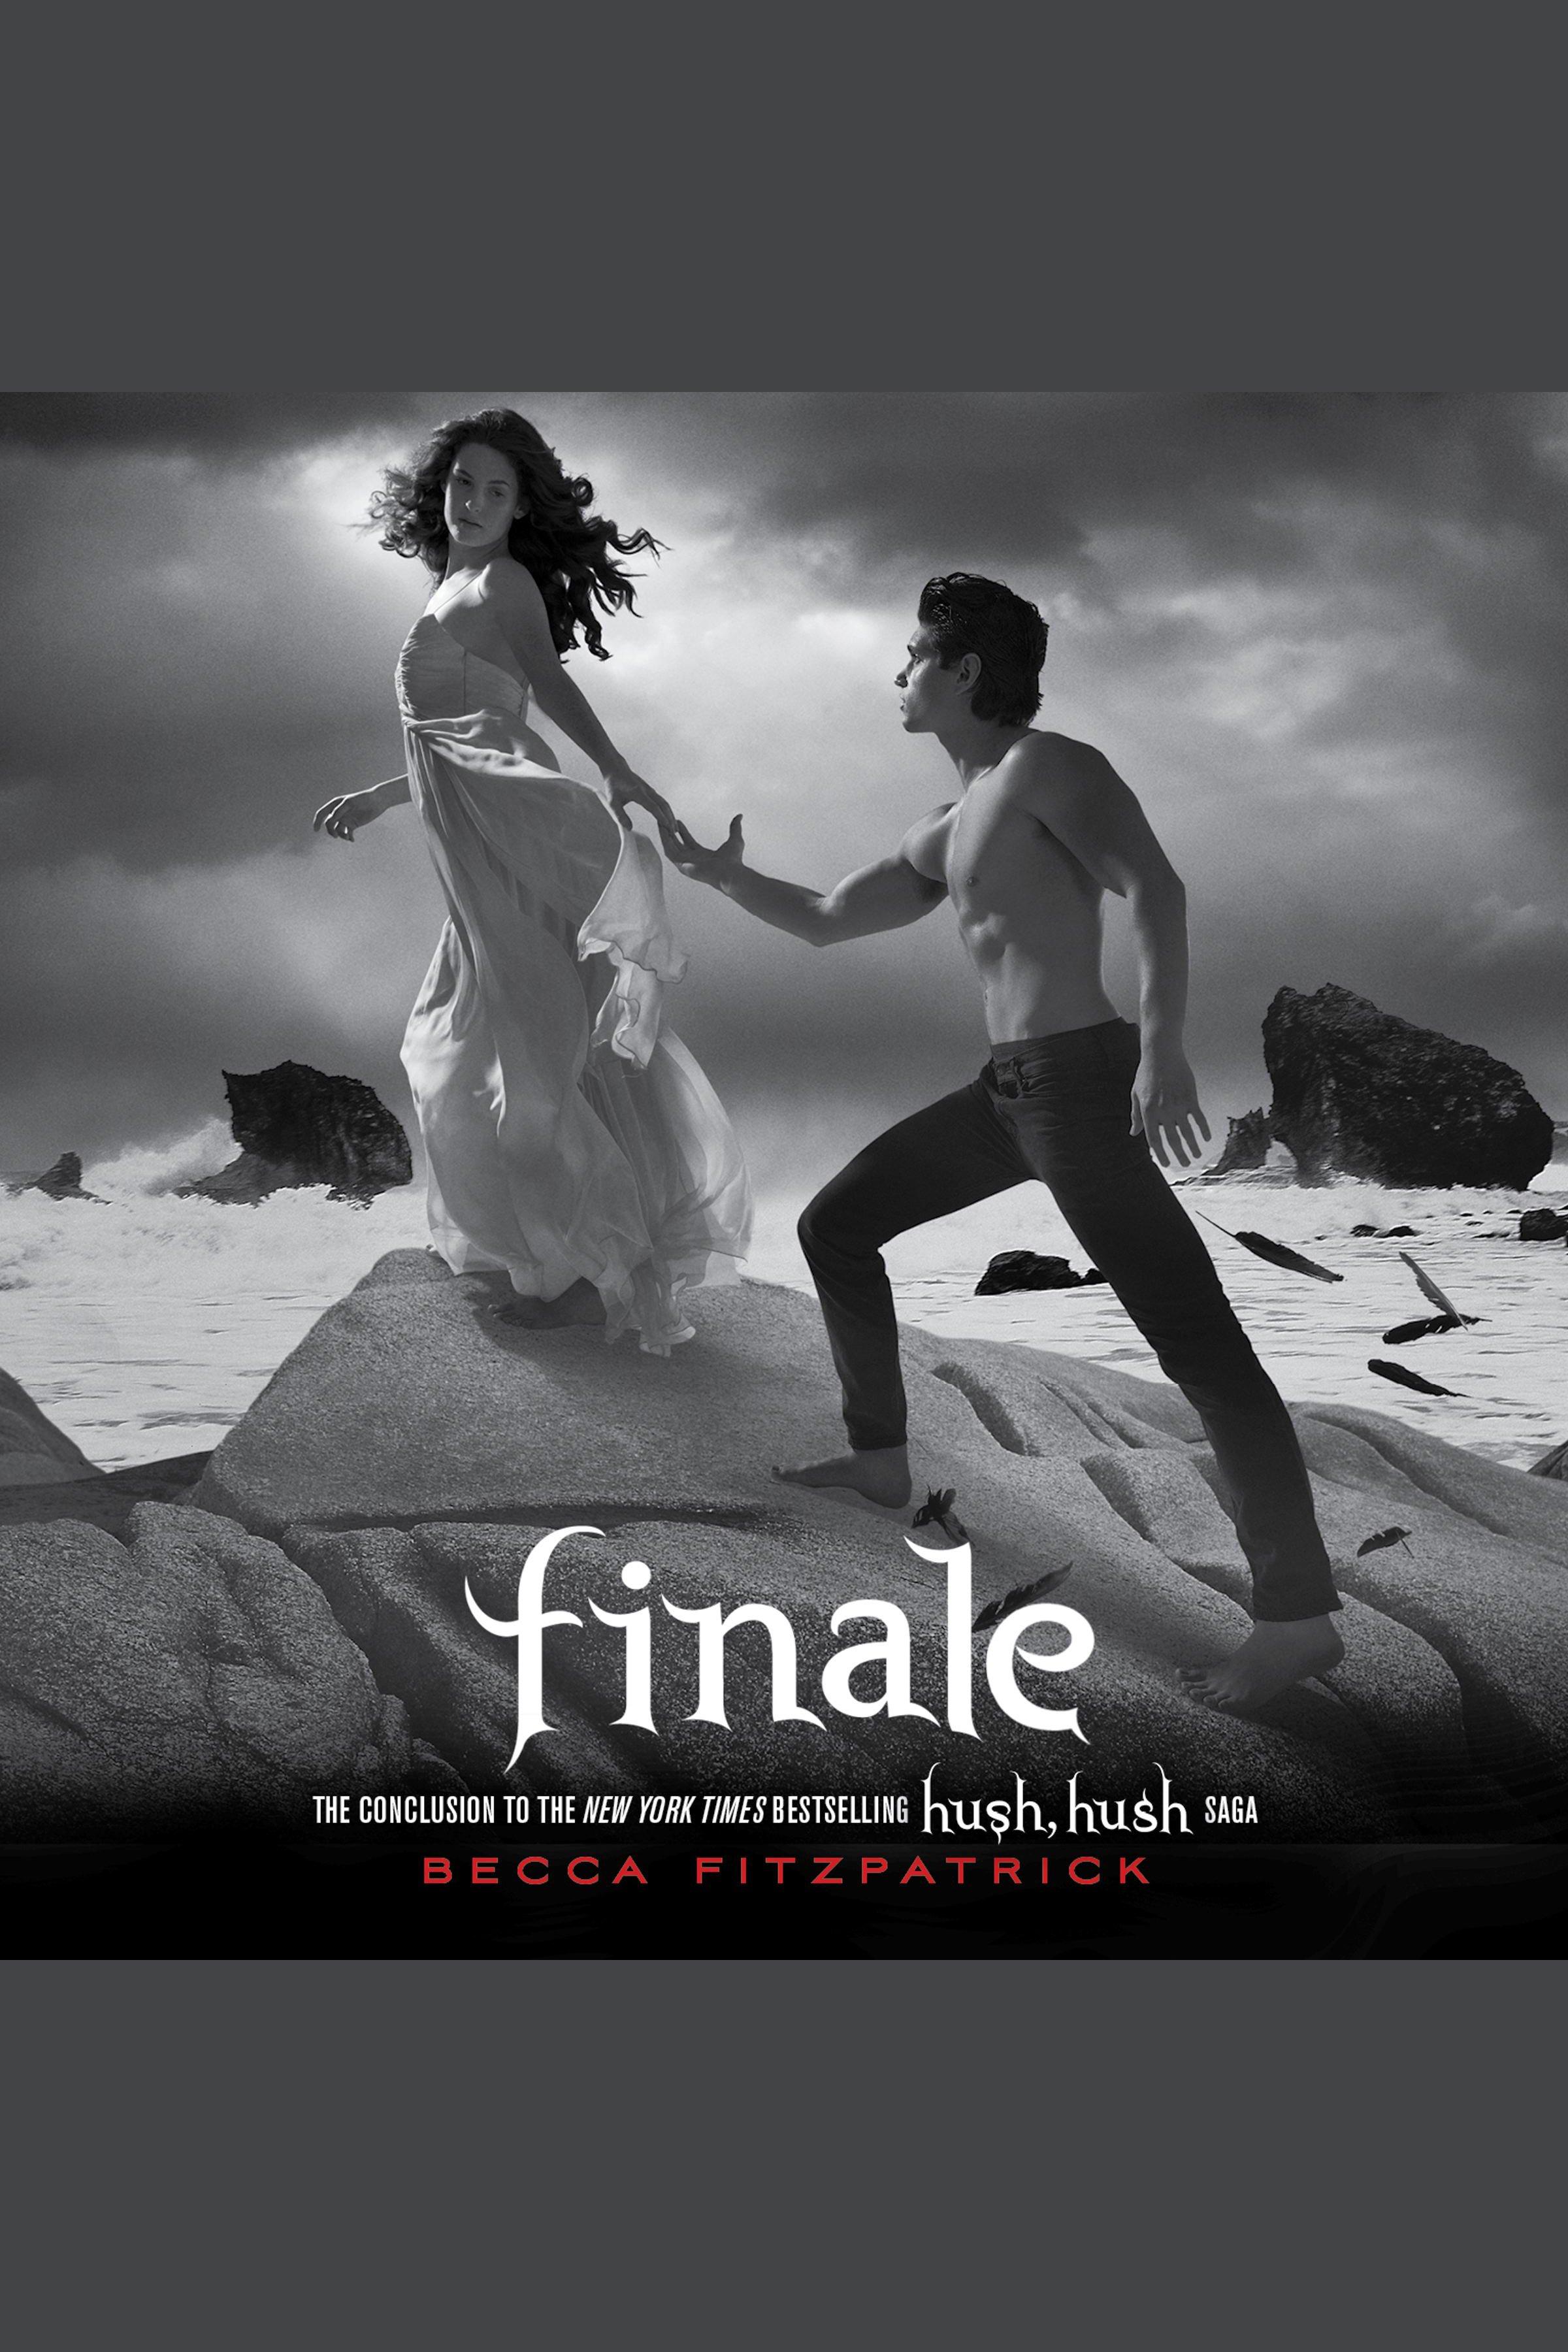 Finale The Conclusion to the Hush, Hush Saga